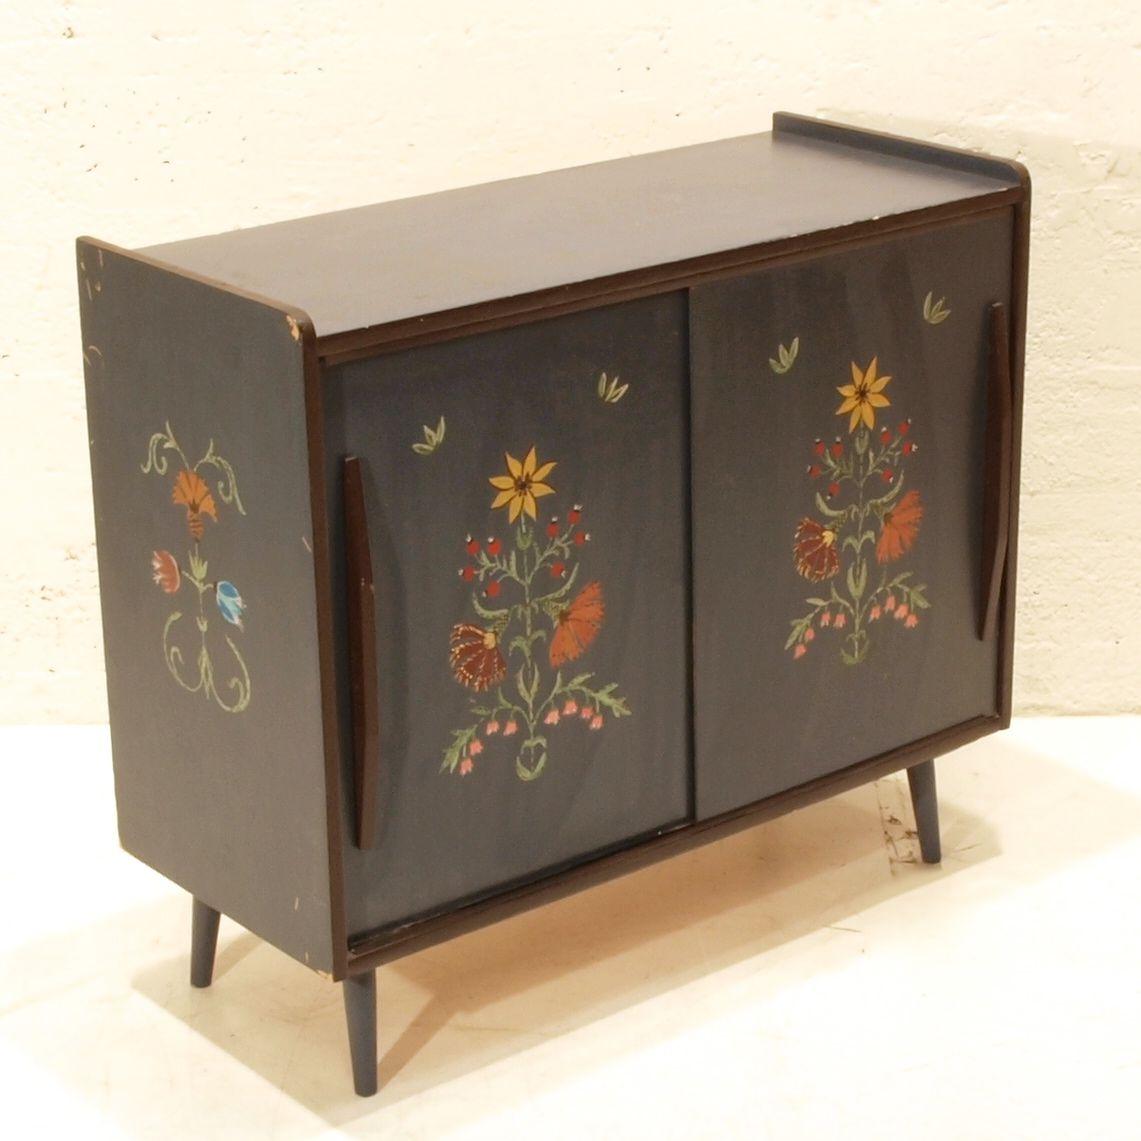 schiebeschrank mit bauernmalerei m bel z rich vintagem bel. Black Bedroom Furniture Sets. Home Design Ideas